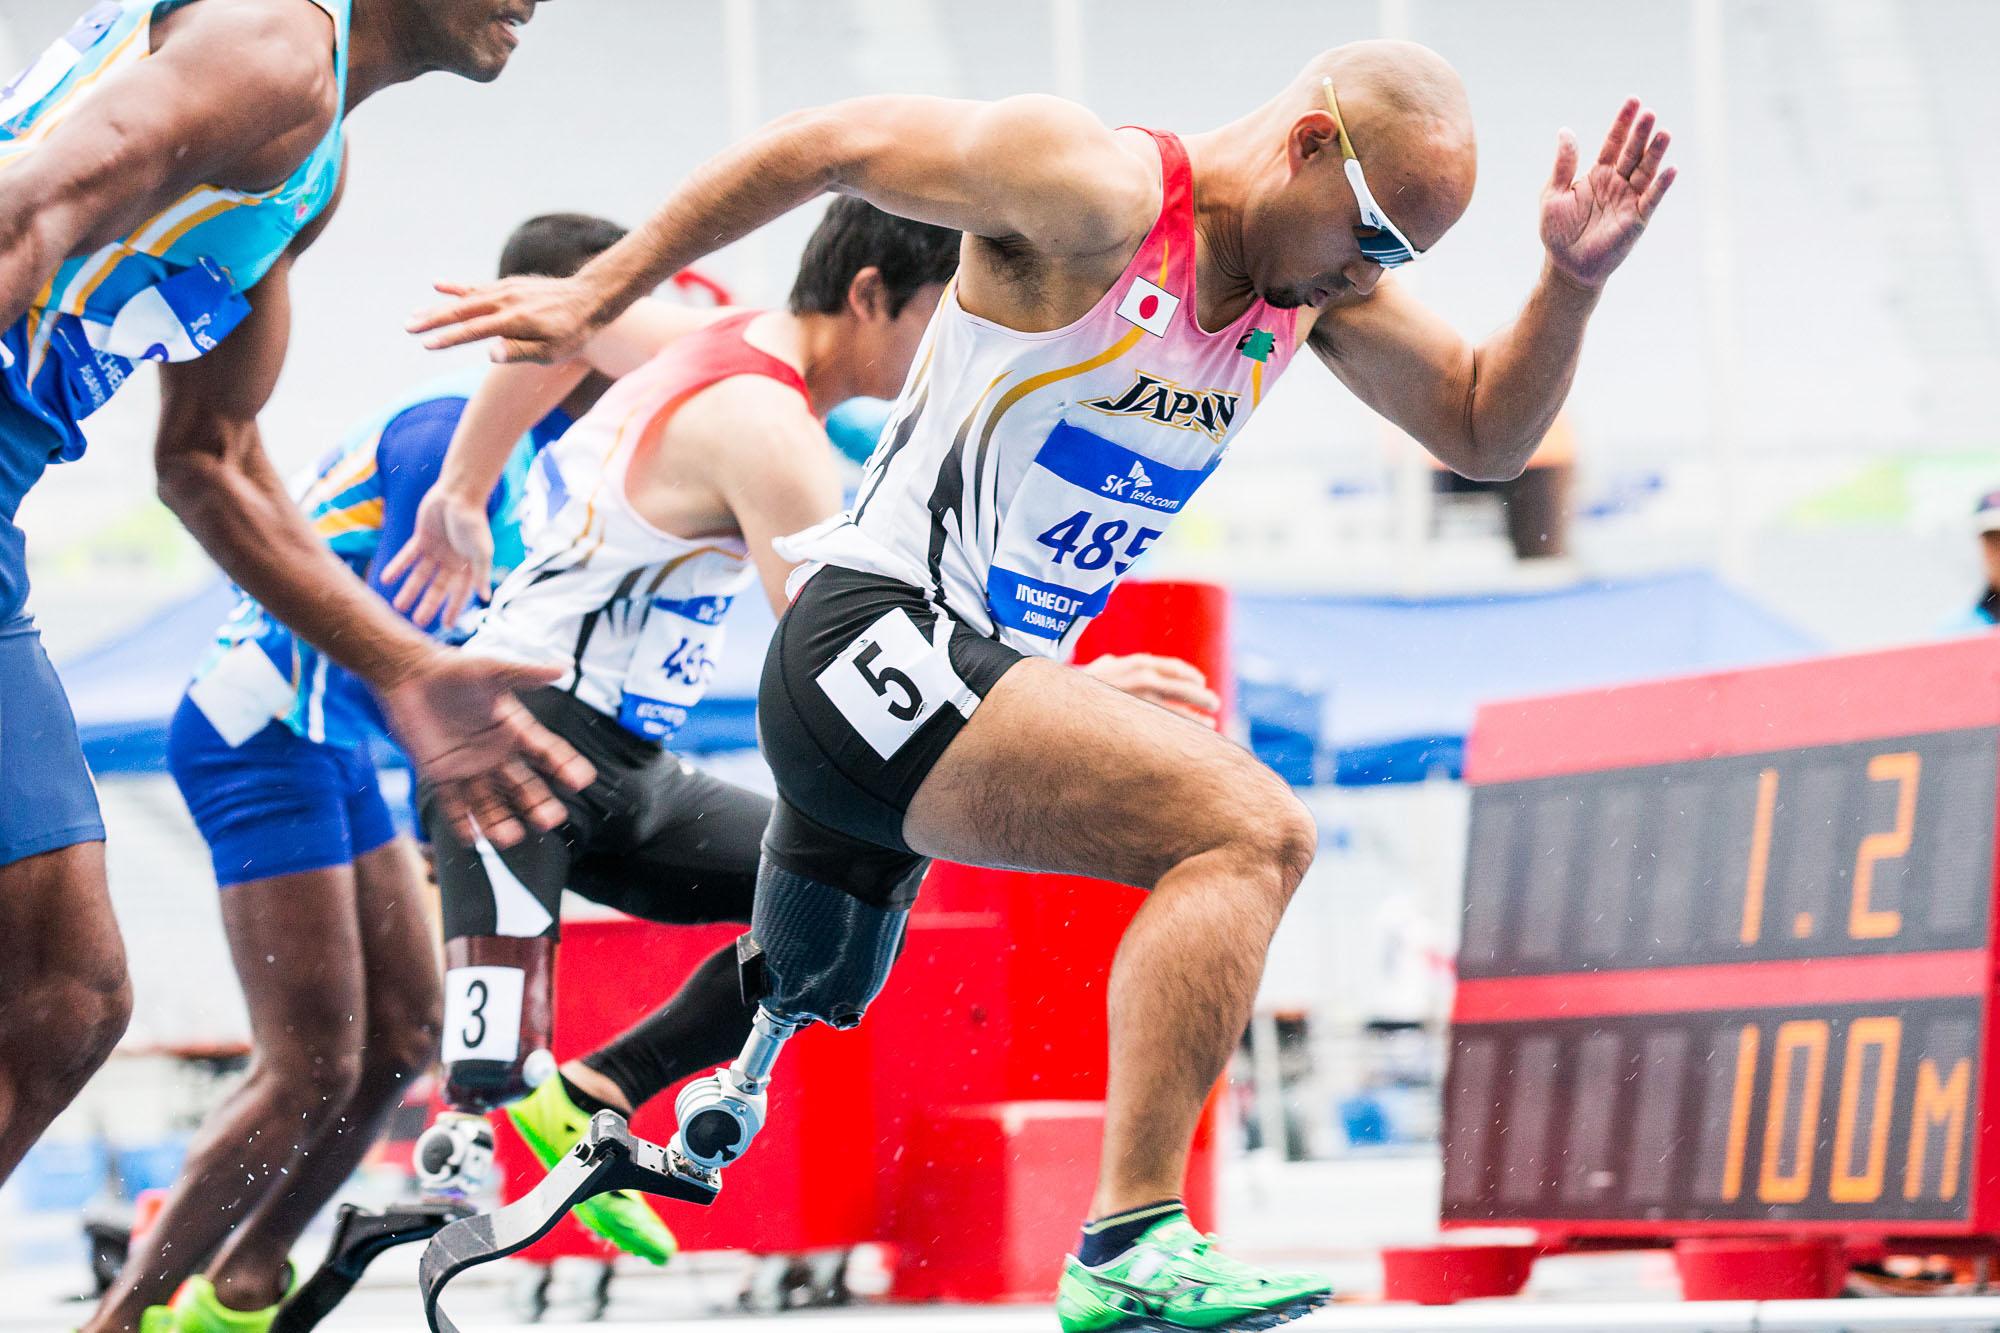 2014アジアパラゲームズ100m(T42)に出場しメダルを獲得した山本。リオでは短距離での活躍にも期待だ。(撮影:越智貴雄)